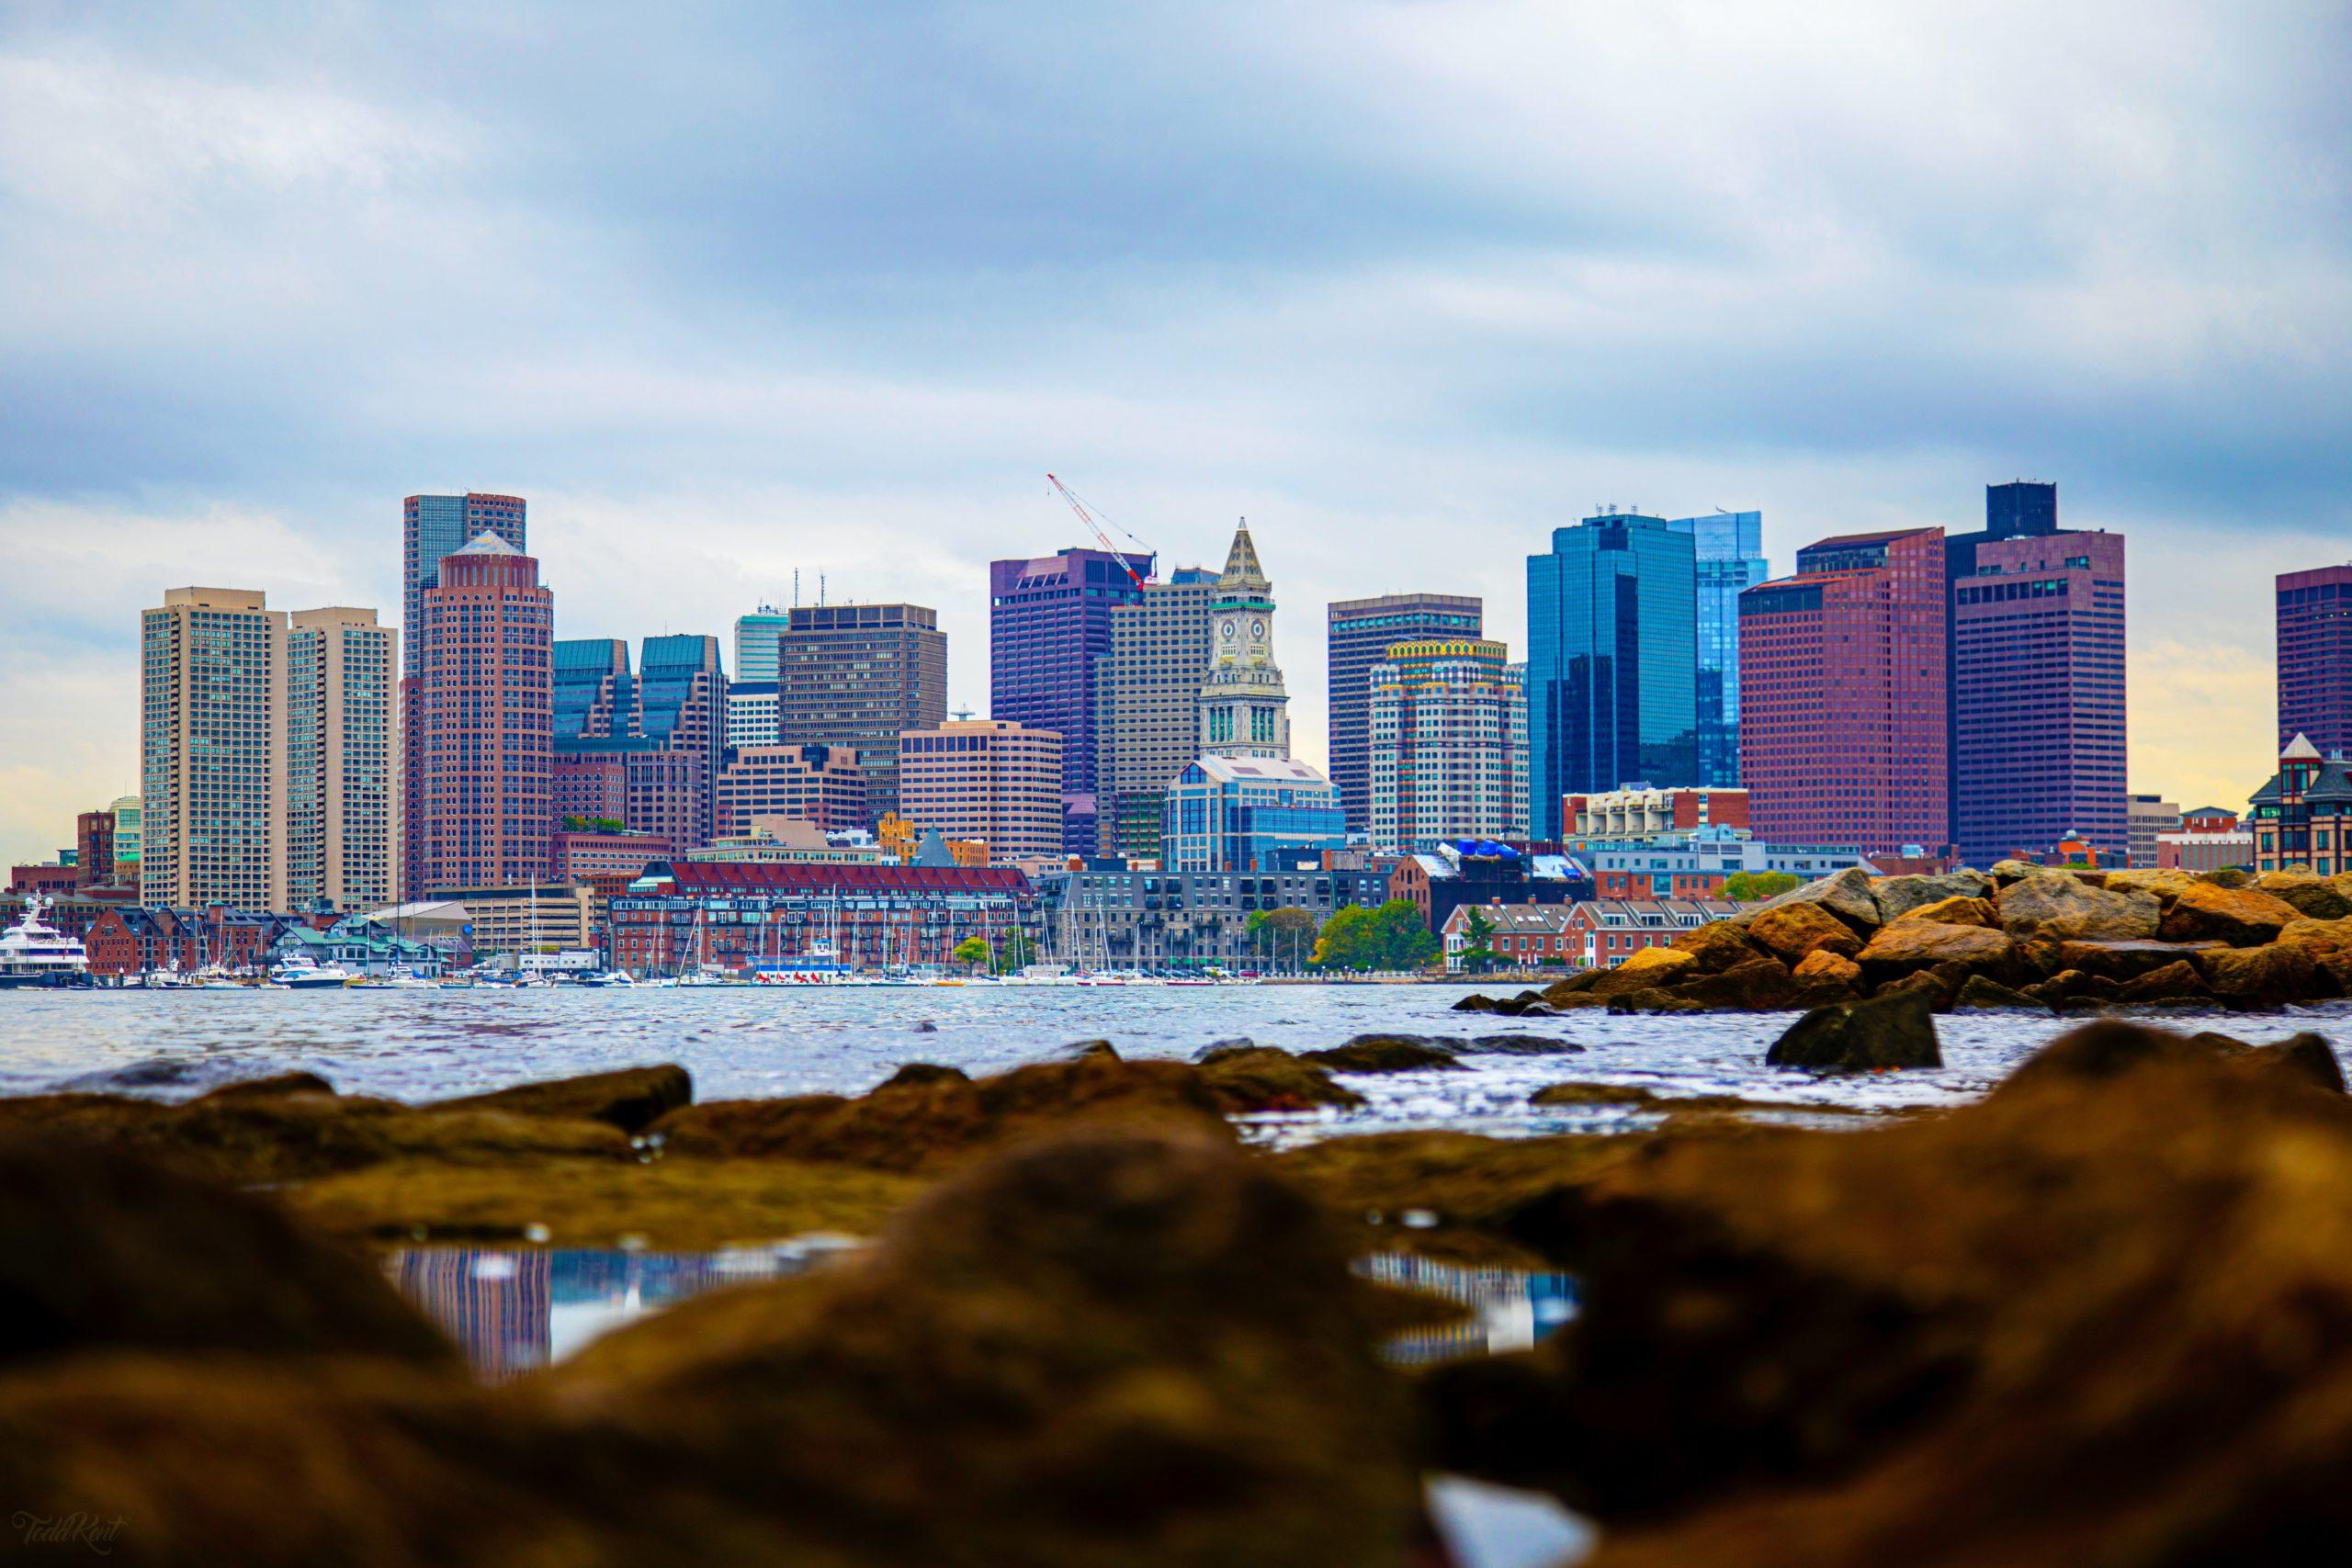 من المعالم السياحية التي يجب زيارتها في بوسطن